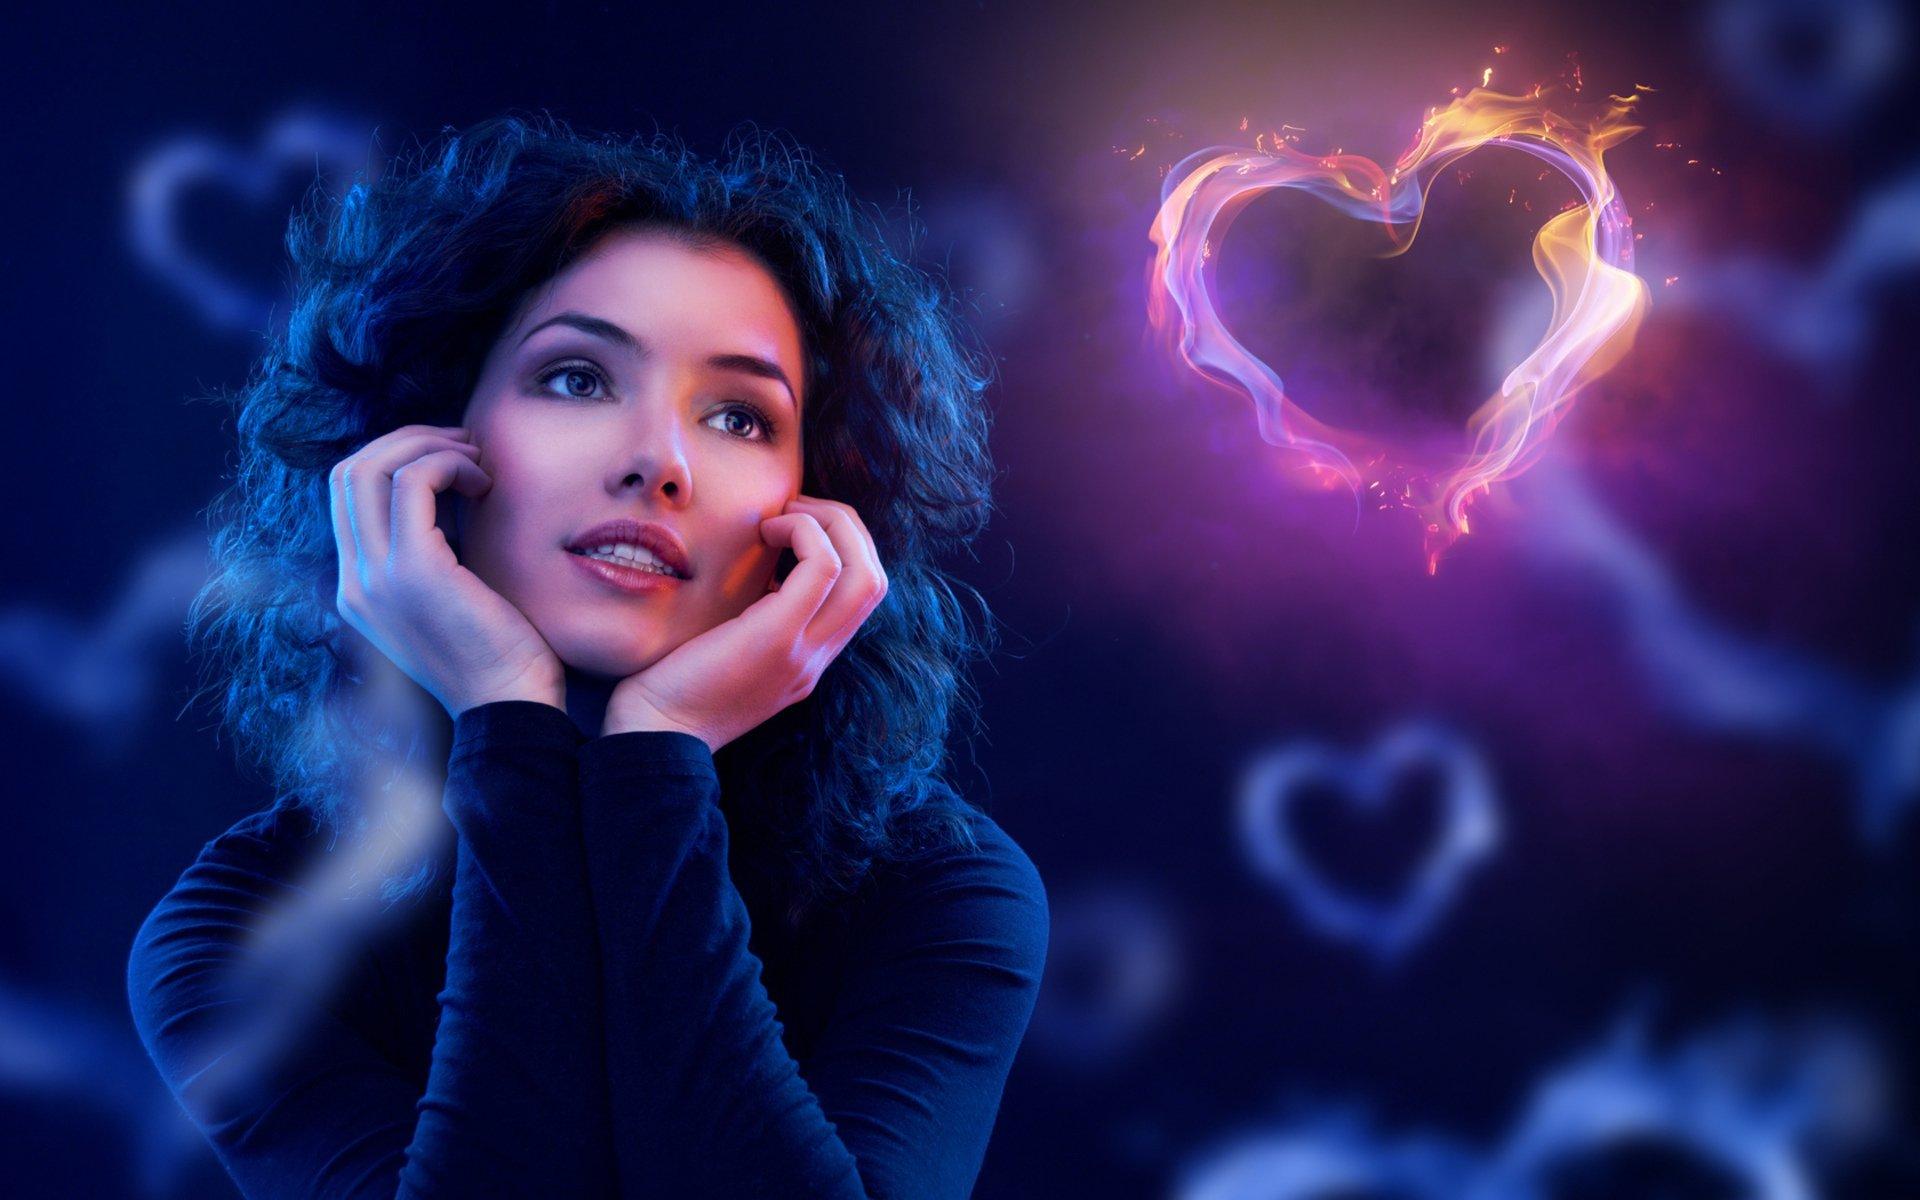 متن و جملات احساسی عاشقانه کوتاه